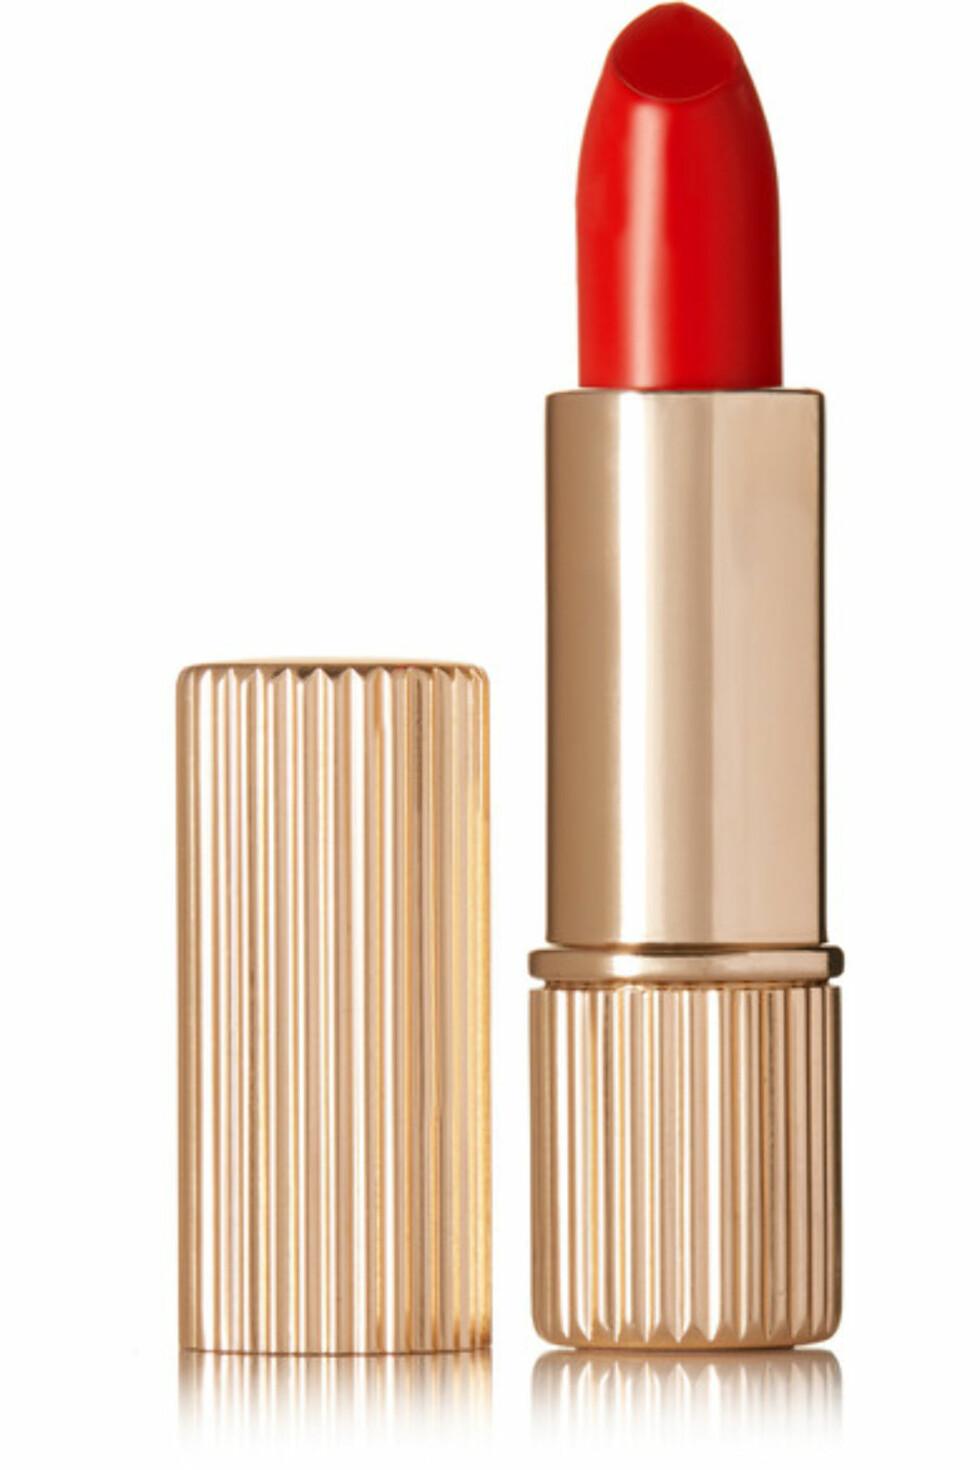 Leppestift fra Victoria Beckham Estee Lauder via Net-a-porter.com | kr 397 | https://www.net-a-porter.com/no/en/product/821576/victoria_beckham_estee_lauder/lipstick---chilean-sunset